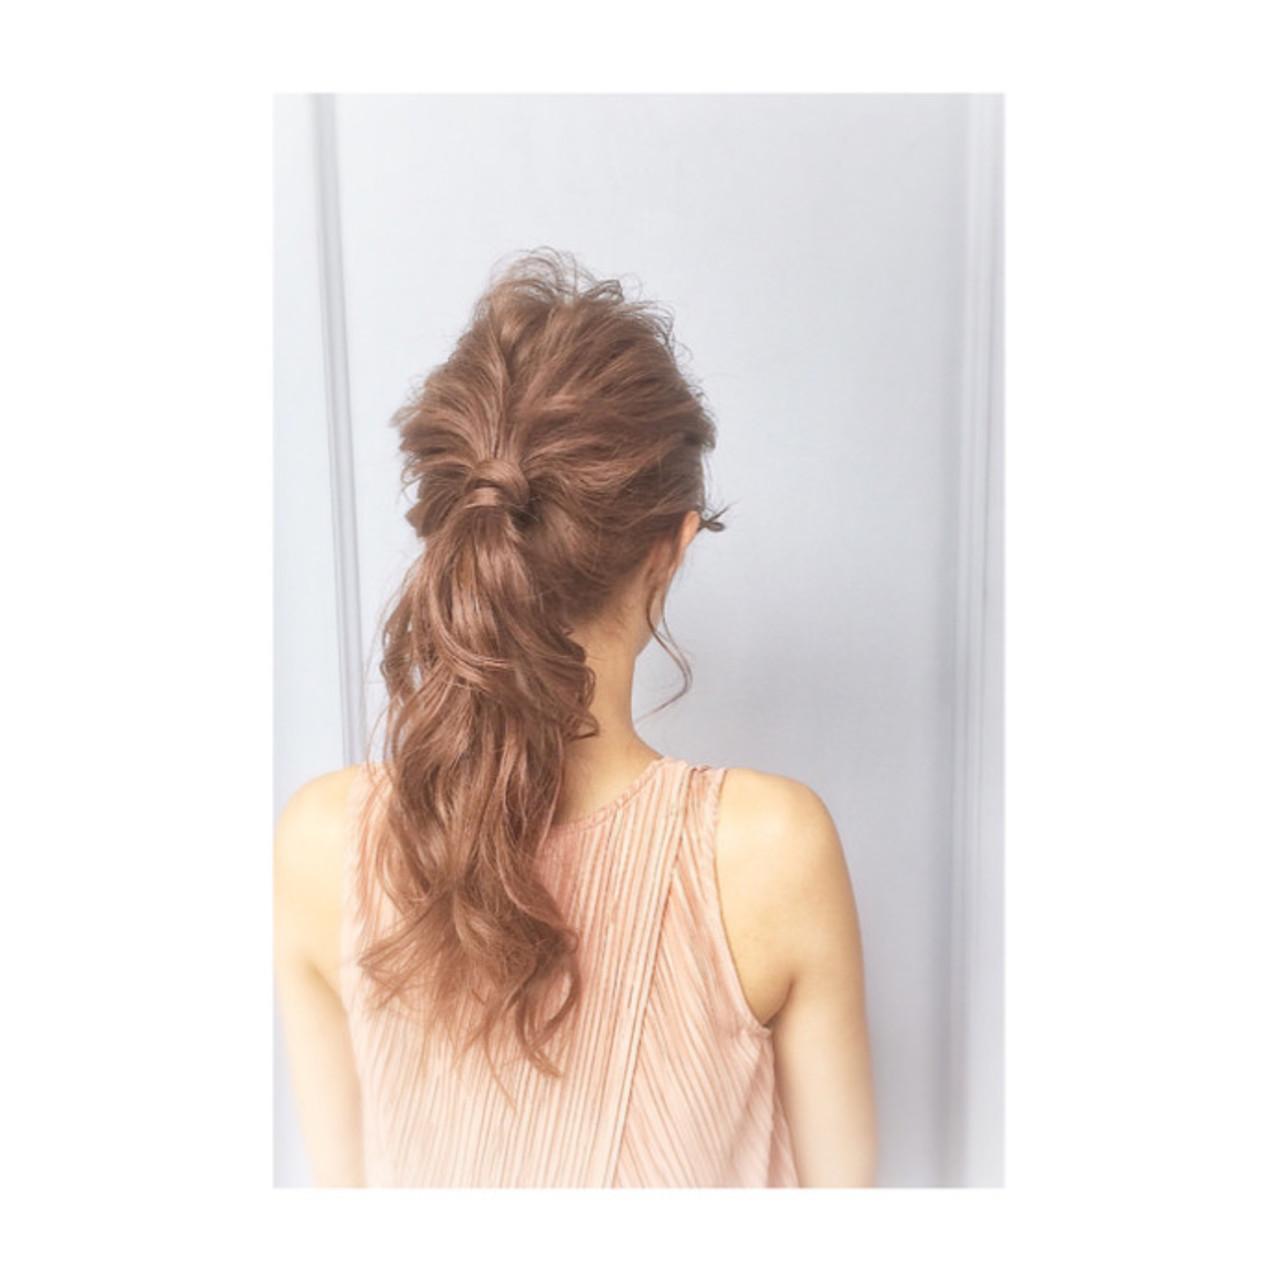 外国人風 簡単ヘアアレンジ ヘアアレンジ 大人かわいい ヘアスタイルや髪型の写真・画像 | teddy / grauge hair